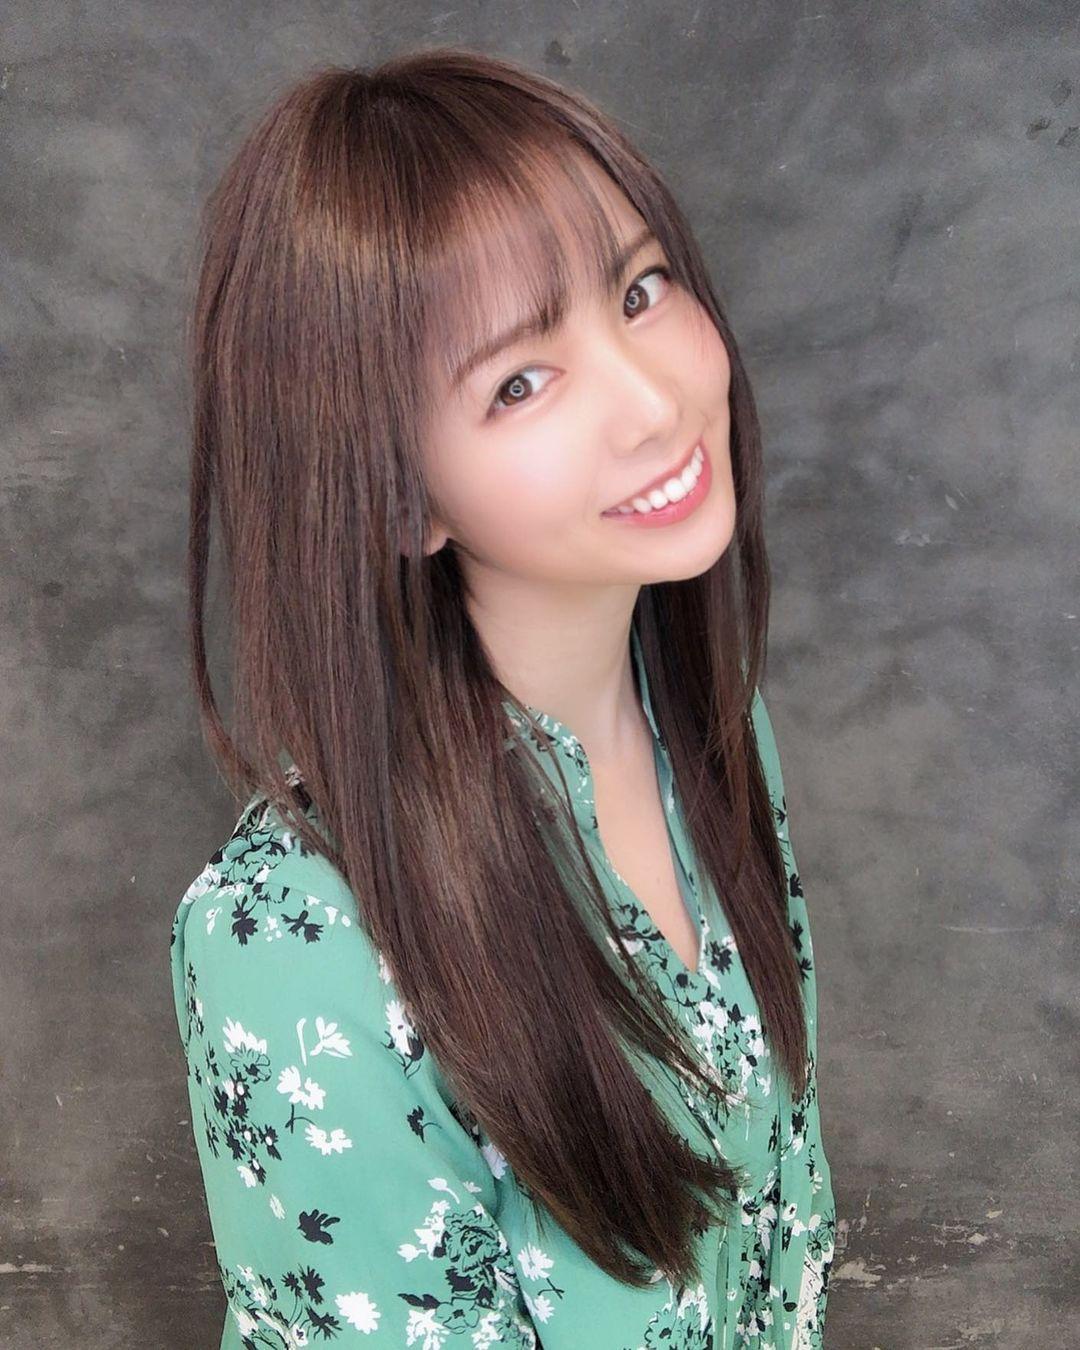 气质小清新「西村歩乃果」美照让人秒恋爱,初恋系「甜美笑容」亲和力十足-新图包